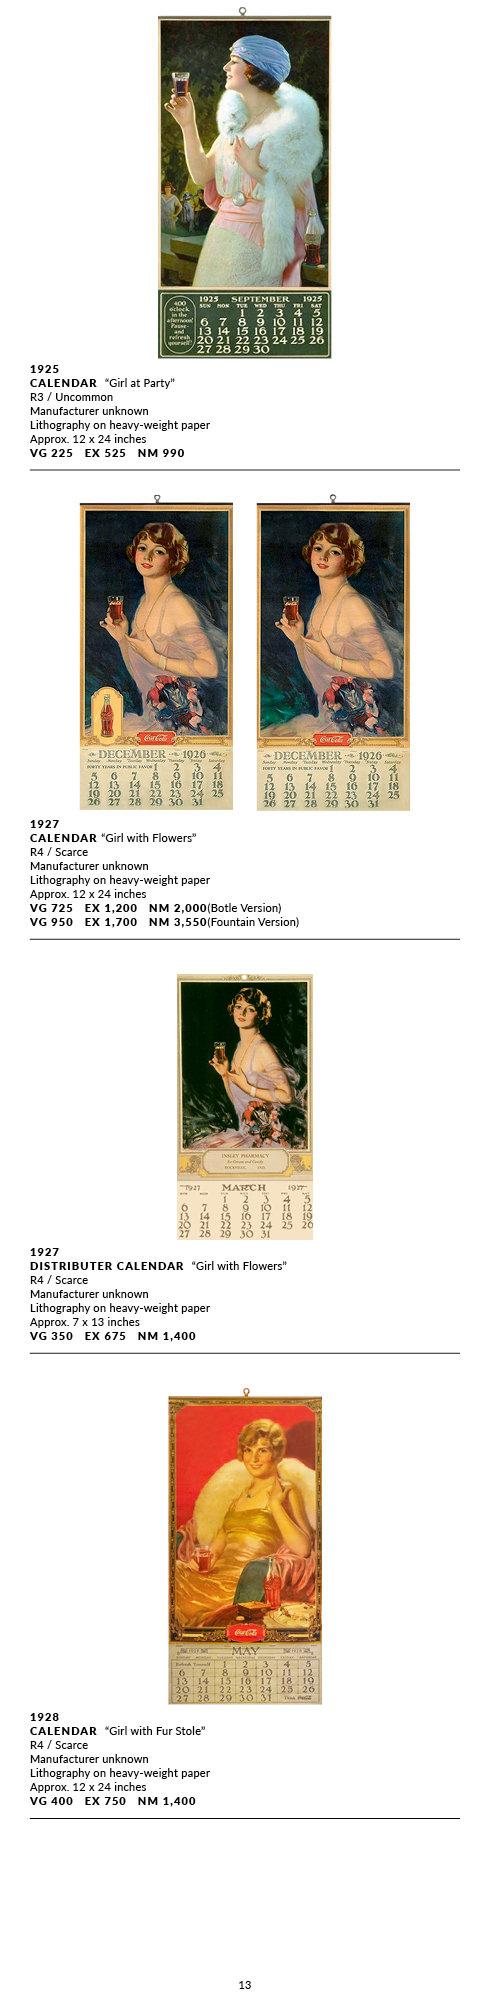 Calendars_1890-1929_(1921)13.jpg